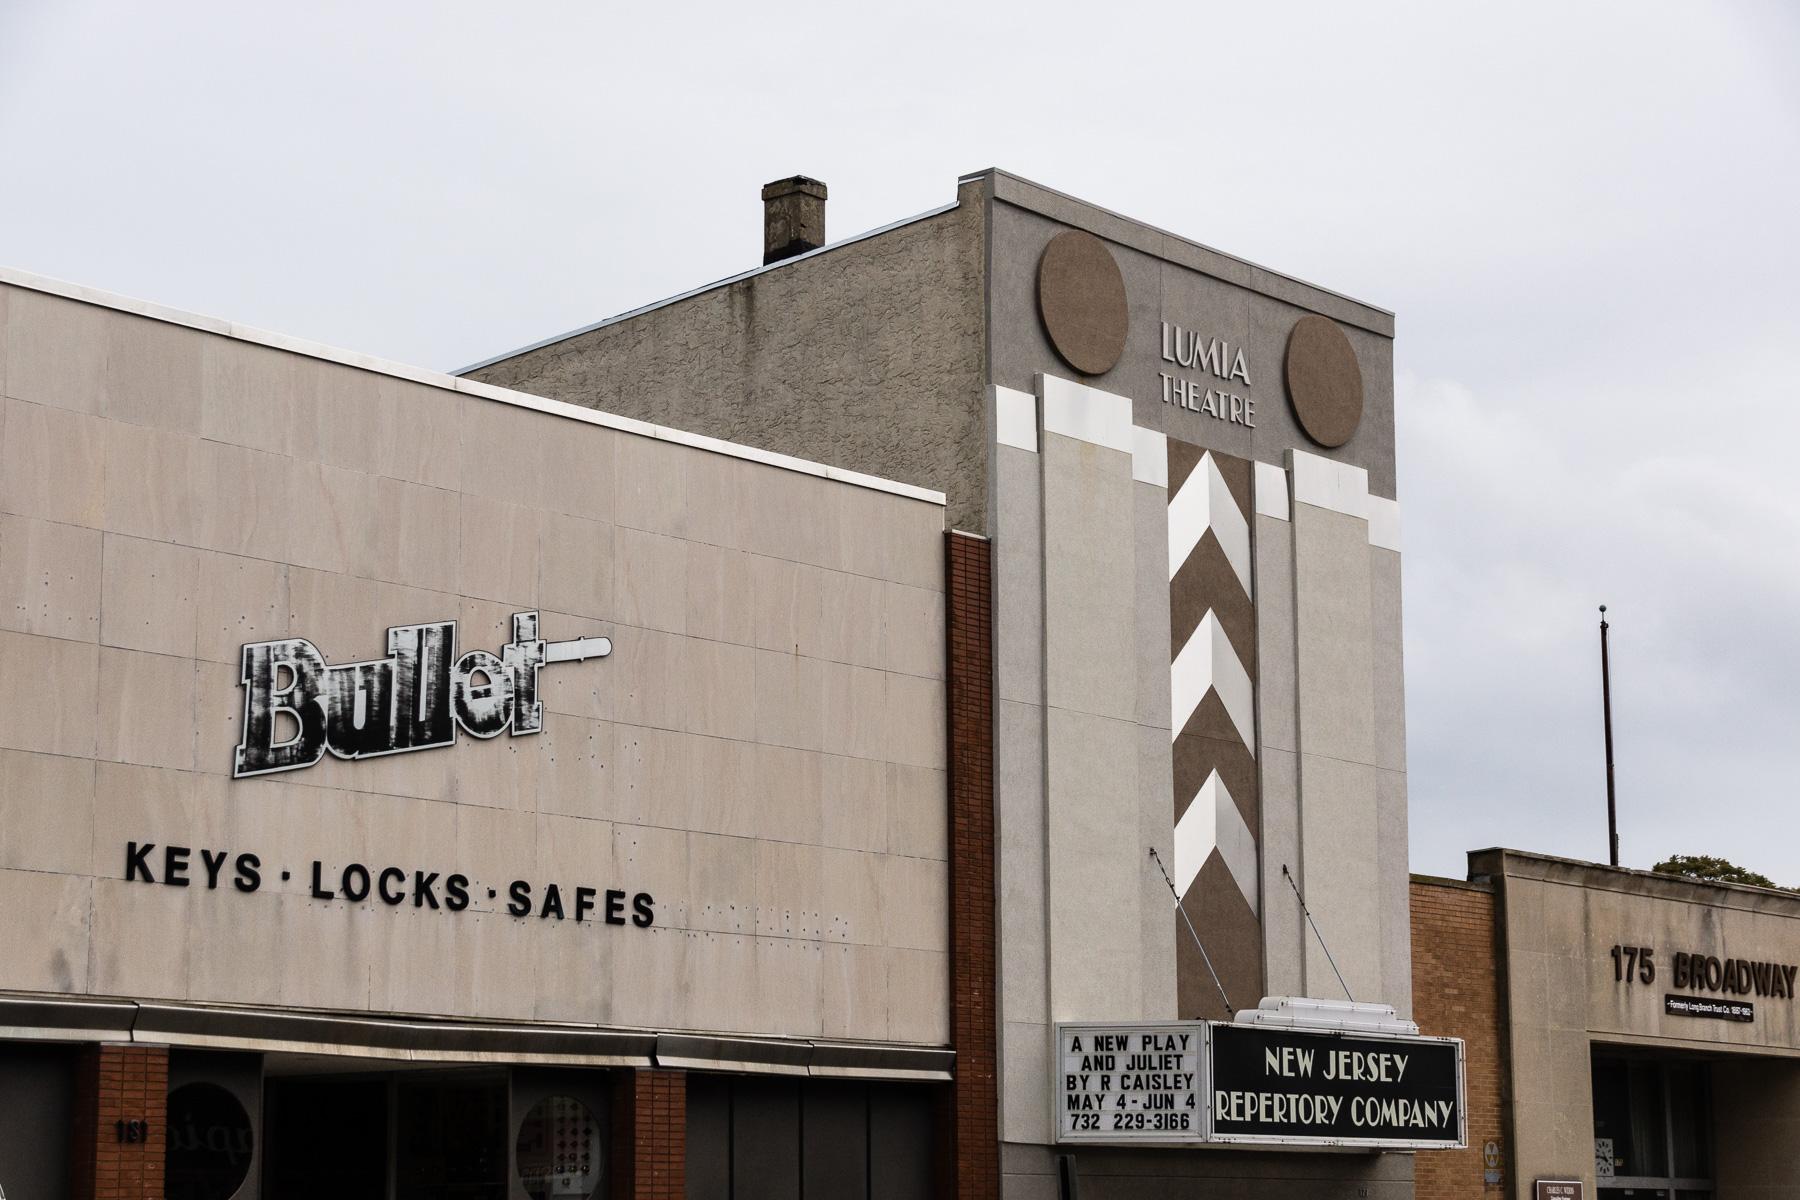 Lumia Theatre